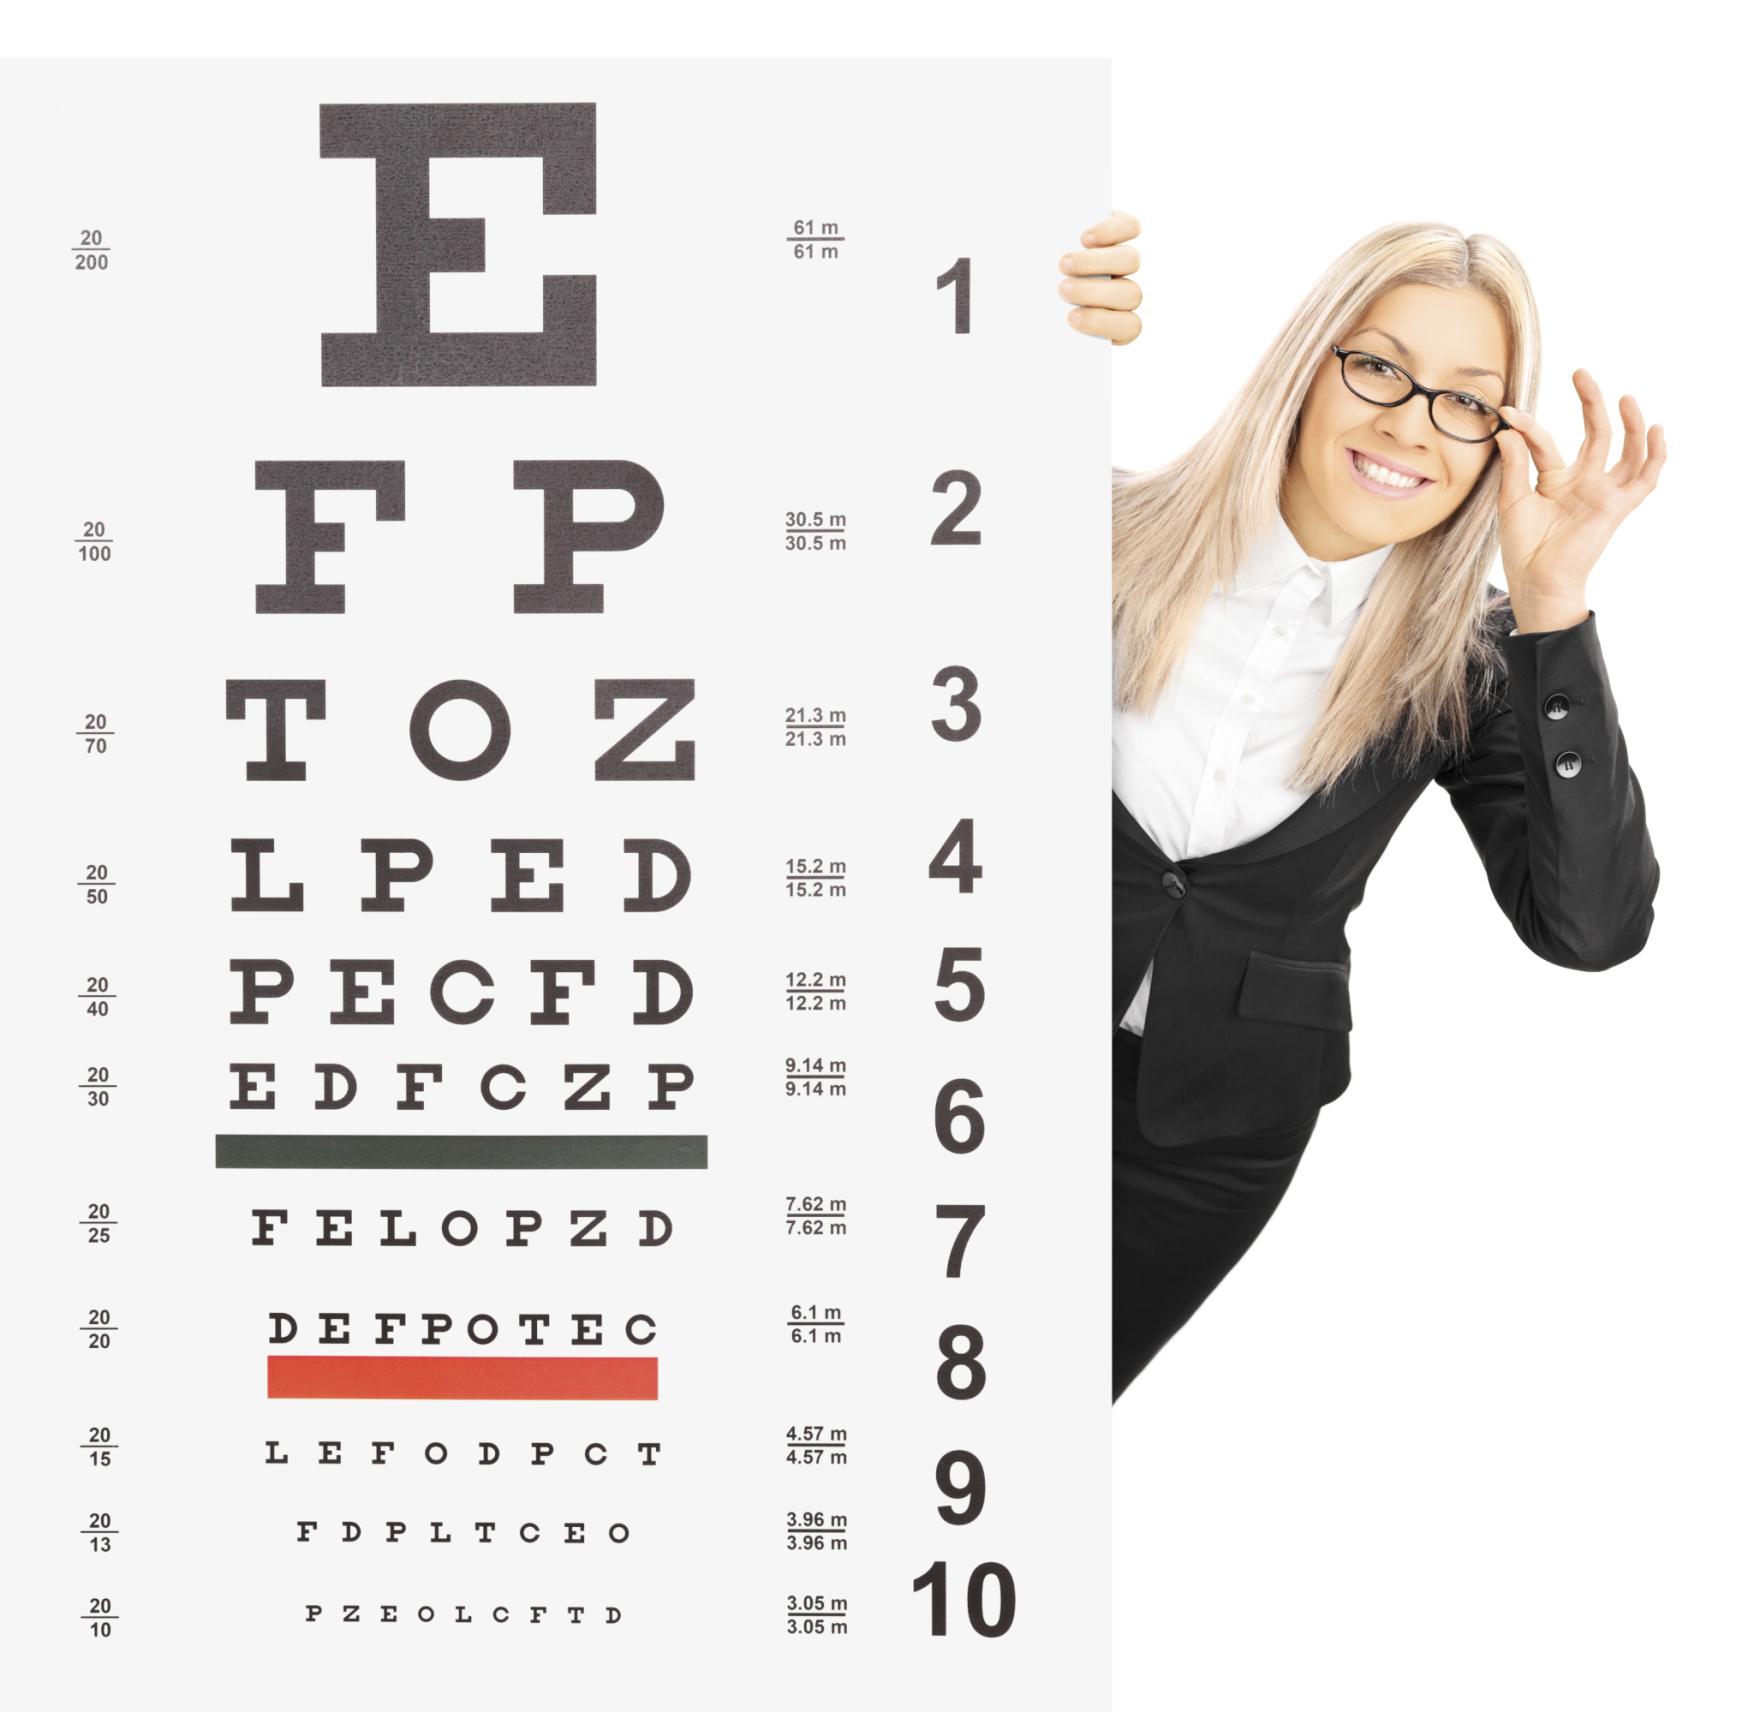 mi a látás legnagyobb hátránya